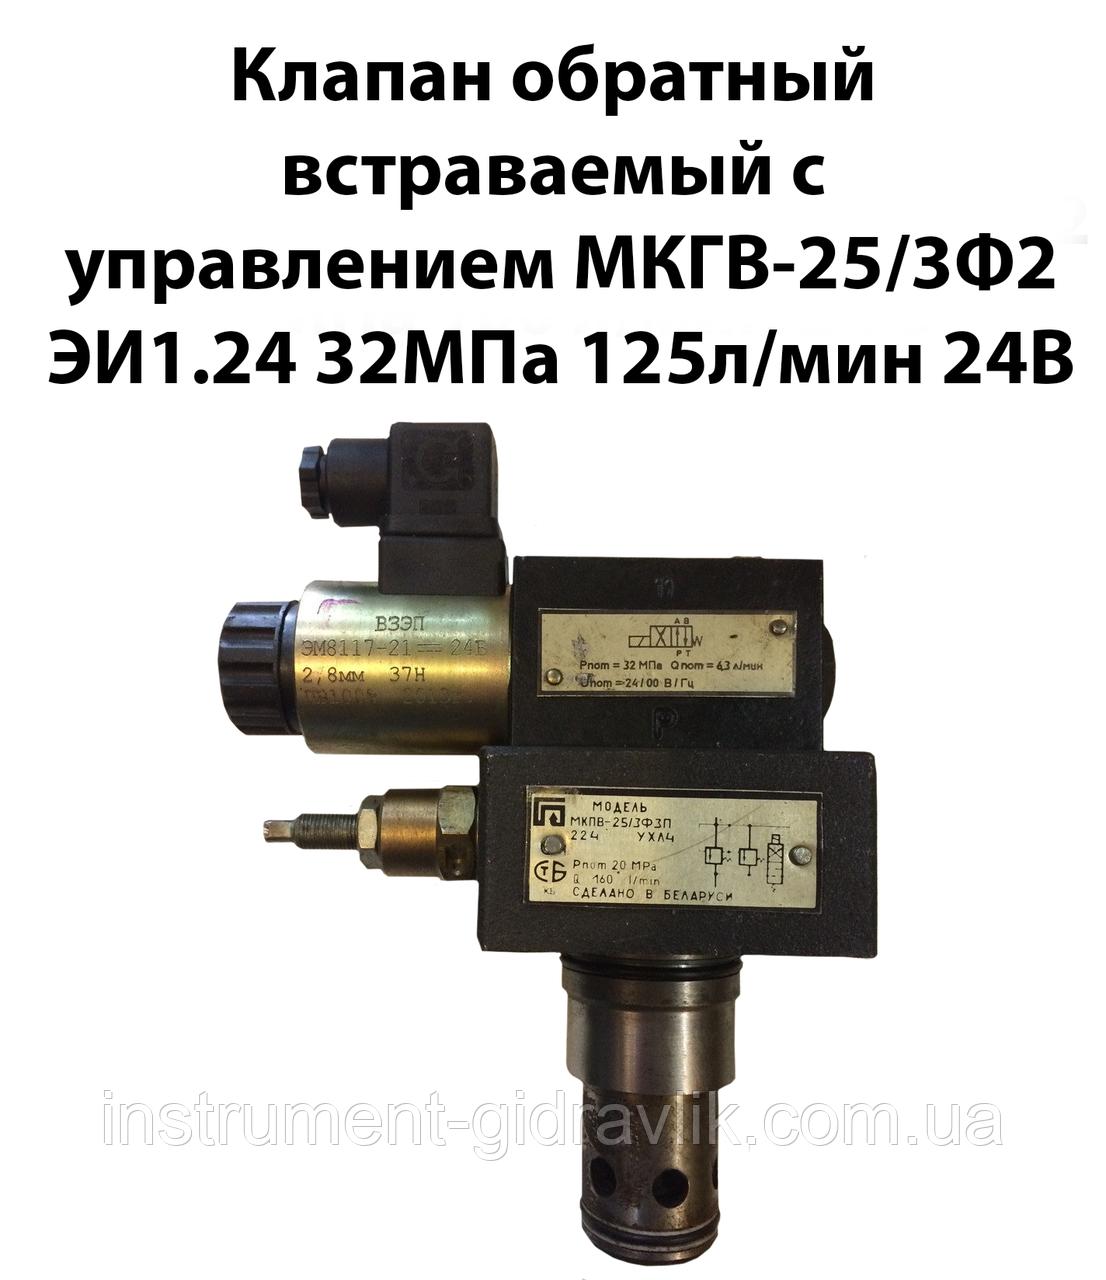 Клапан гидроуправляемый встраиваемый МКГВ-25/3Ф2 ЭИ1.24 32МПа 125л/мин 24в